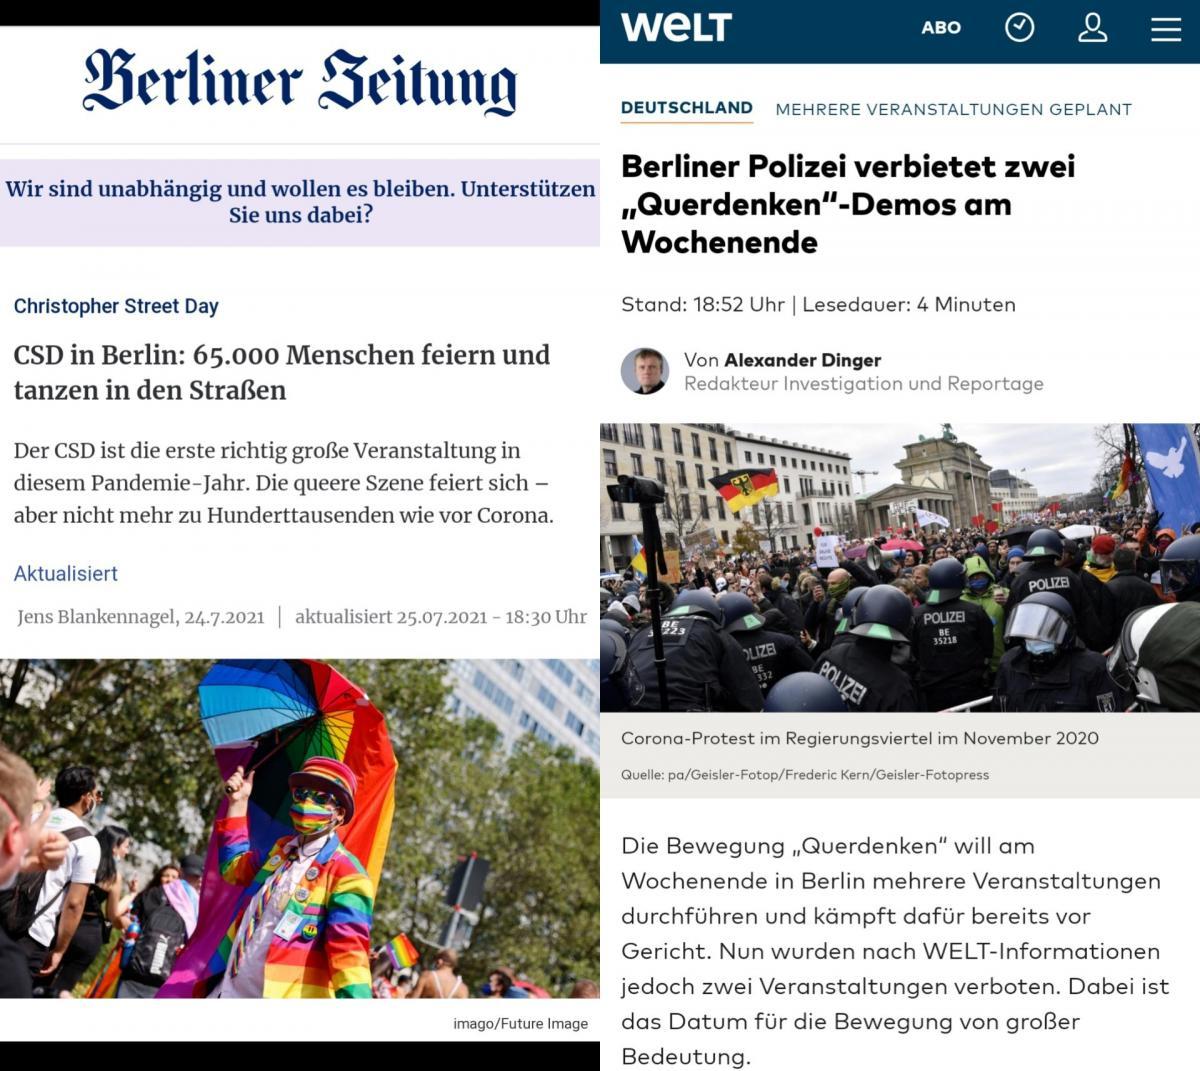 Németország: a Pride-felvonulás szabad, a korona-szkeptikus demonstráció betiltva